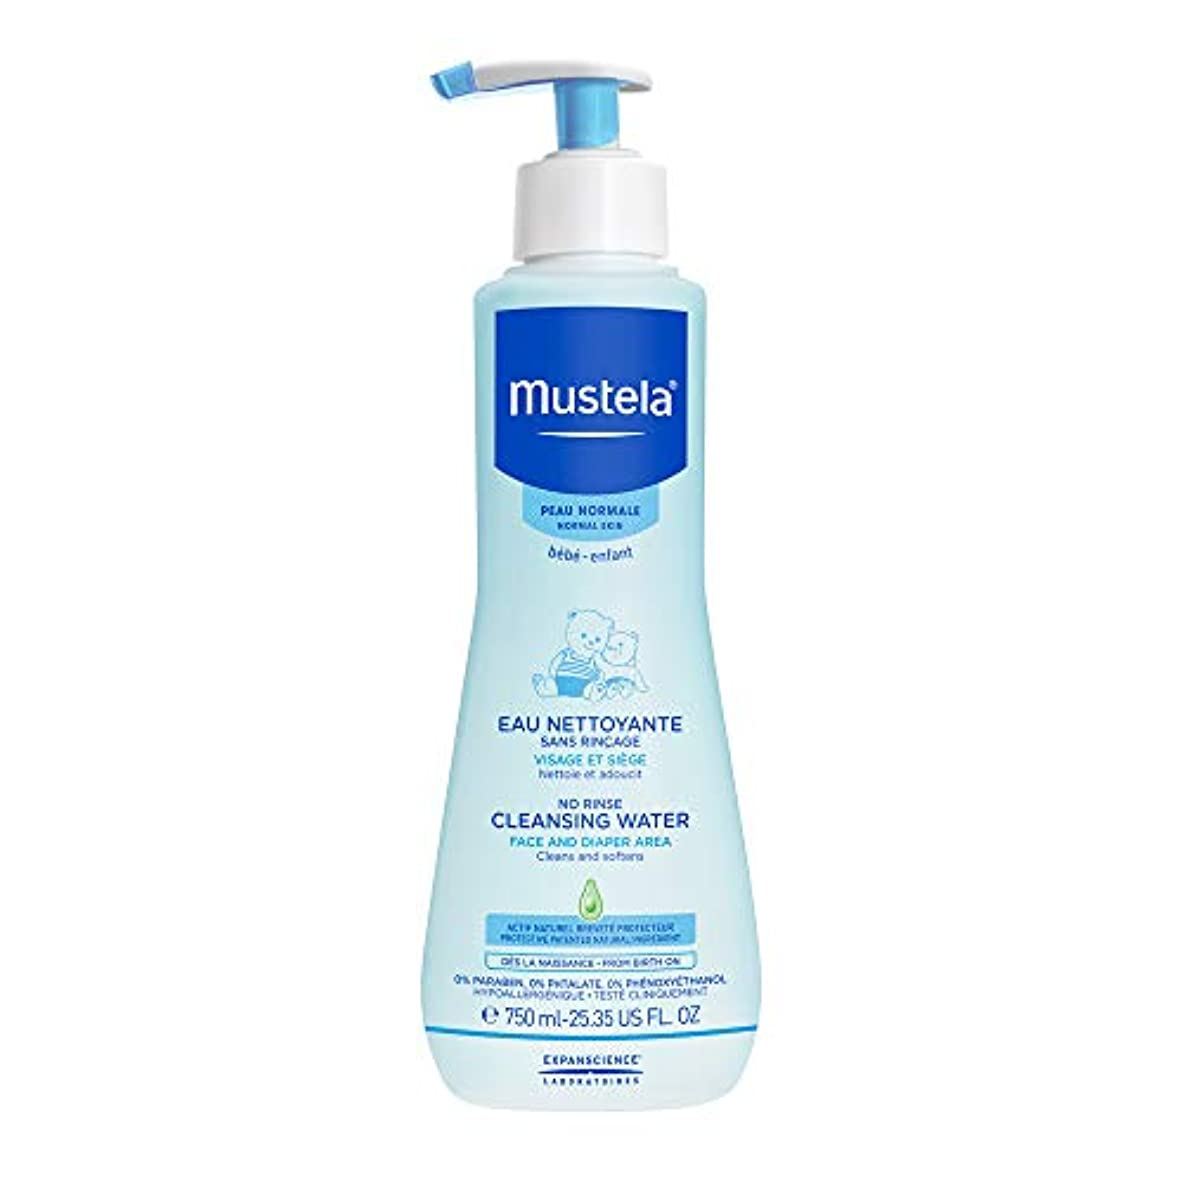 ぺディカブ問い合わせる薬ムステラ No Rinse Cleansing Water (Face & Diaper Area) - For Normal Skin 750ml/25.35oz並行輸入品